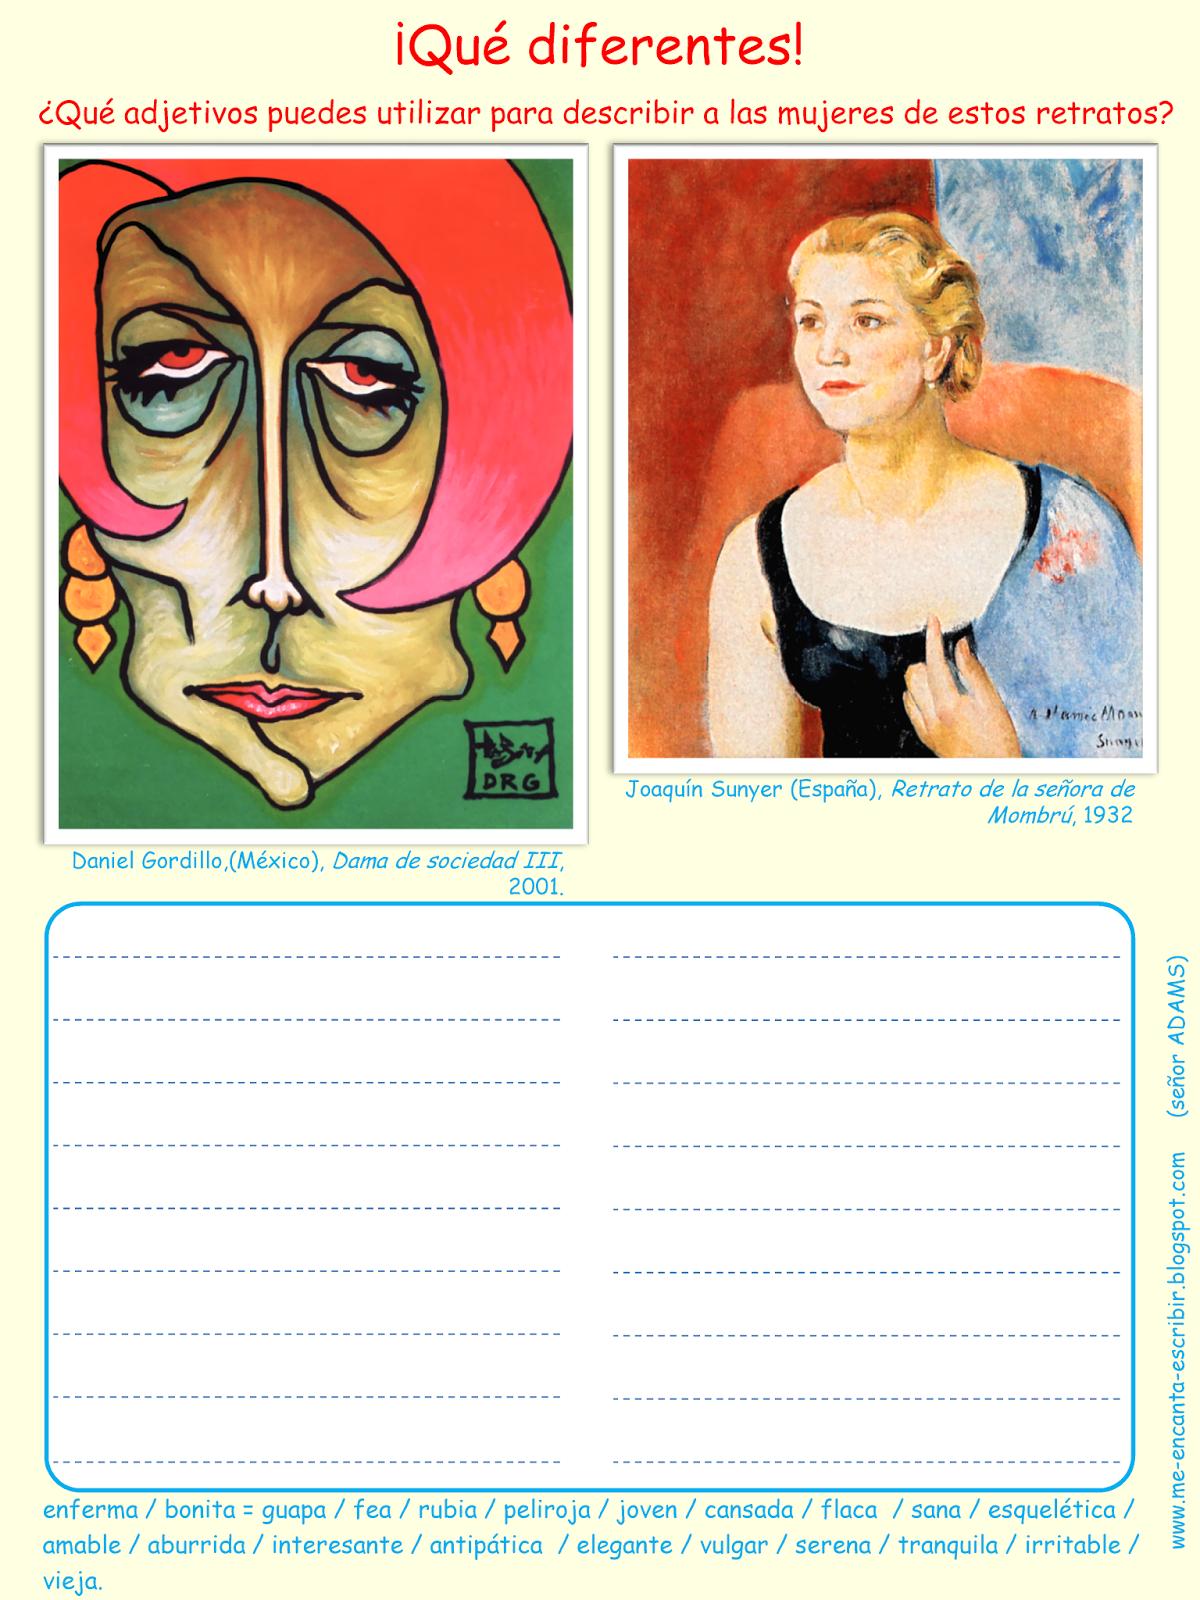 Me Encanta Escribir En Espanol Retratos De Mujeres Adjetivos De Descripcion